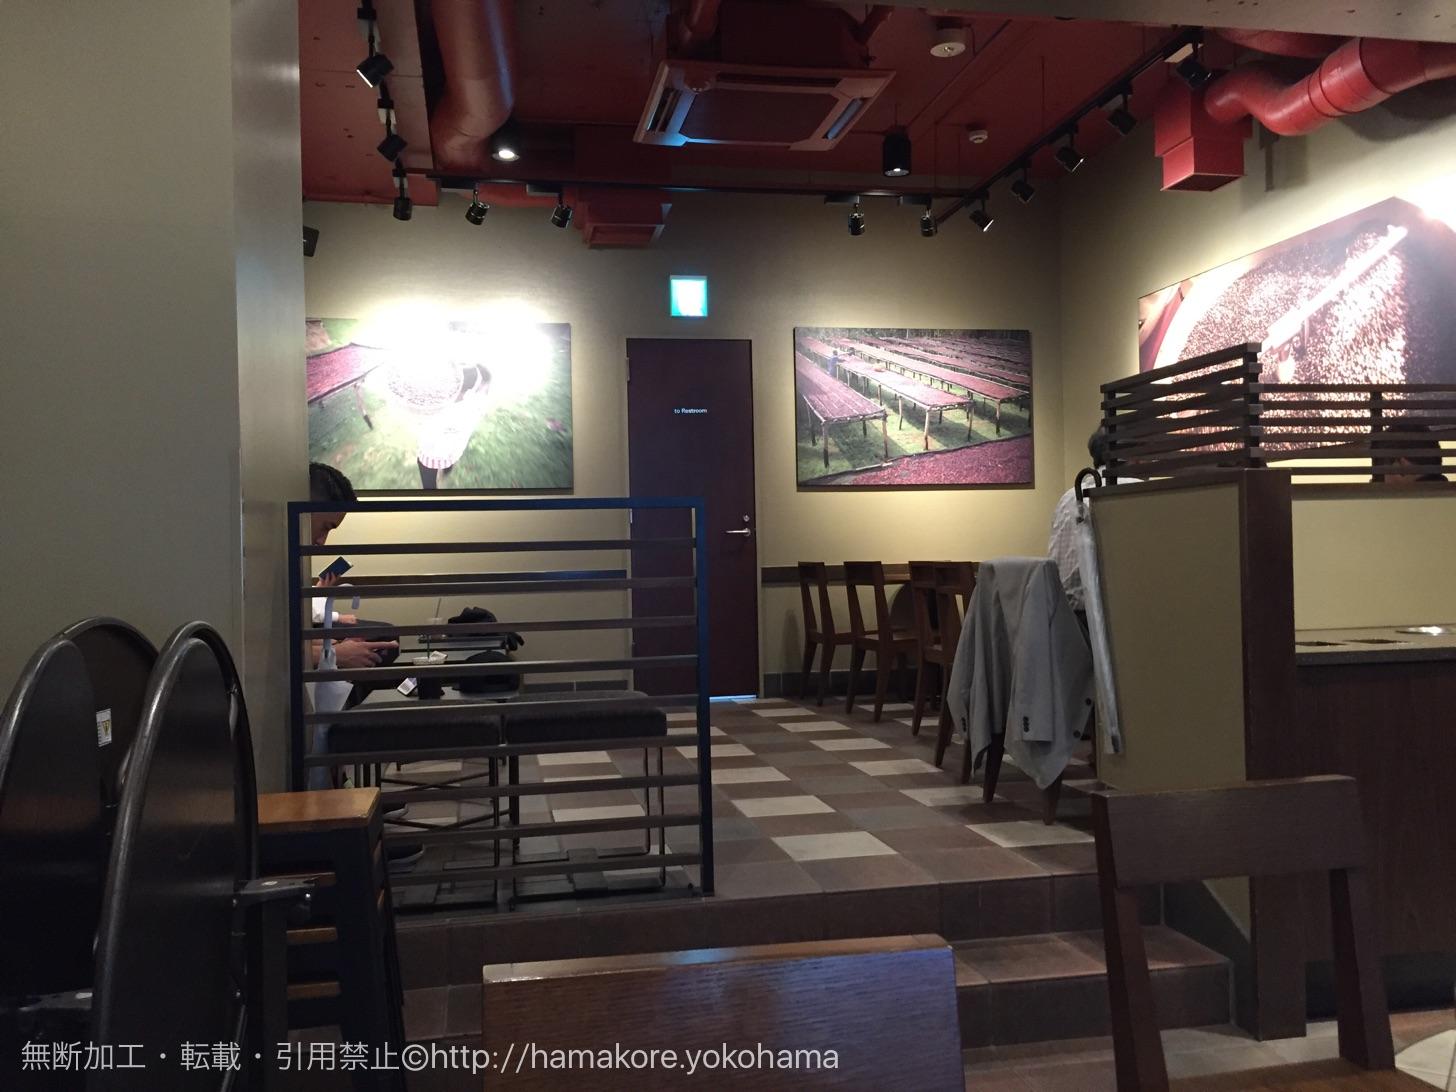 スターバックス 横浜北幸店 中二階